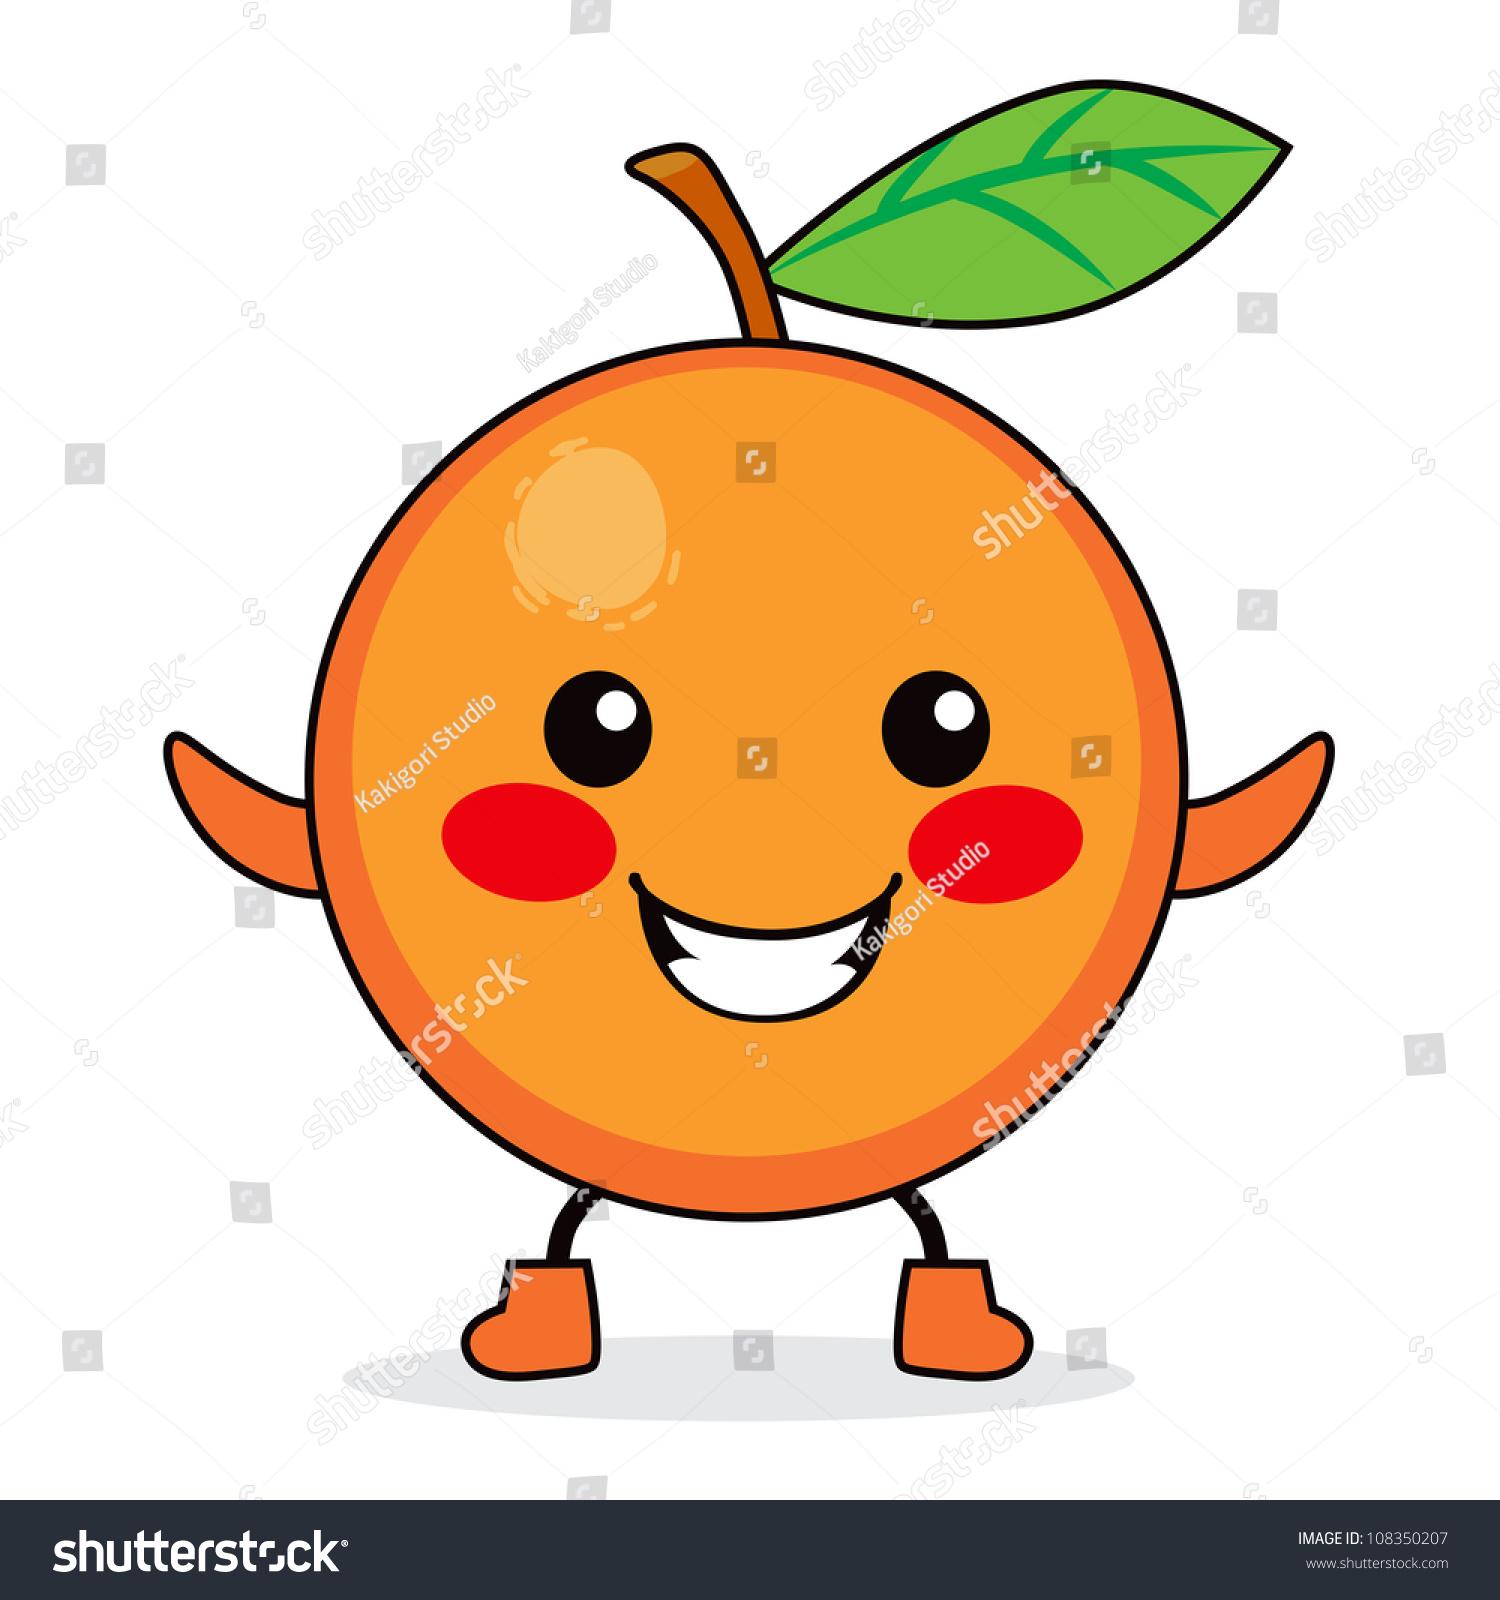 可爱的橙色水果卡通人物微笑的快乐-食品及饮料